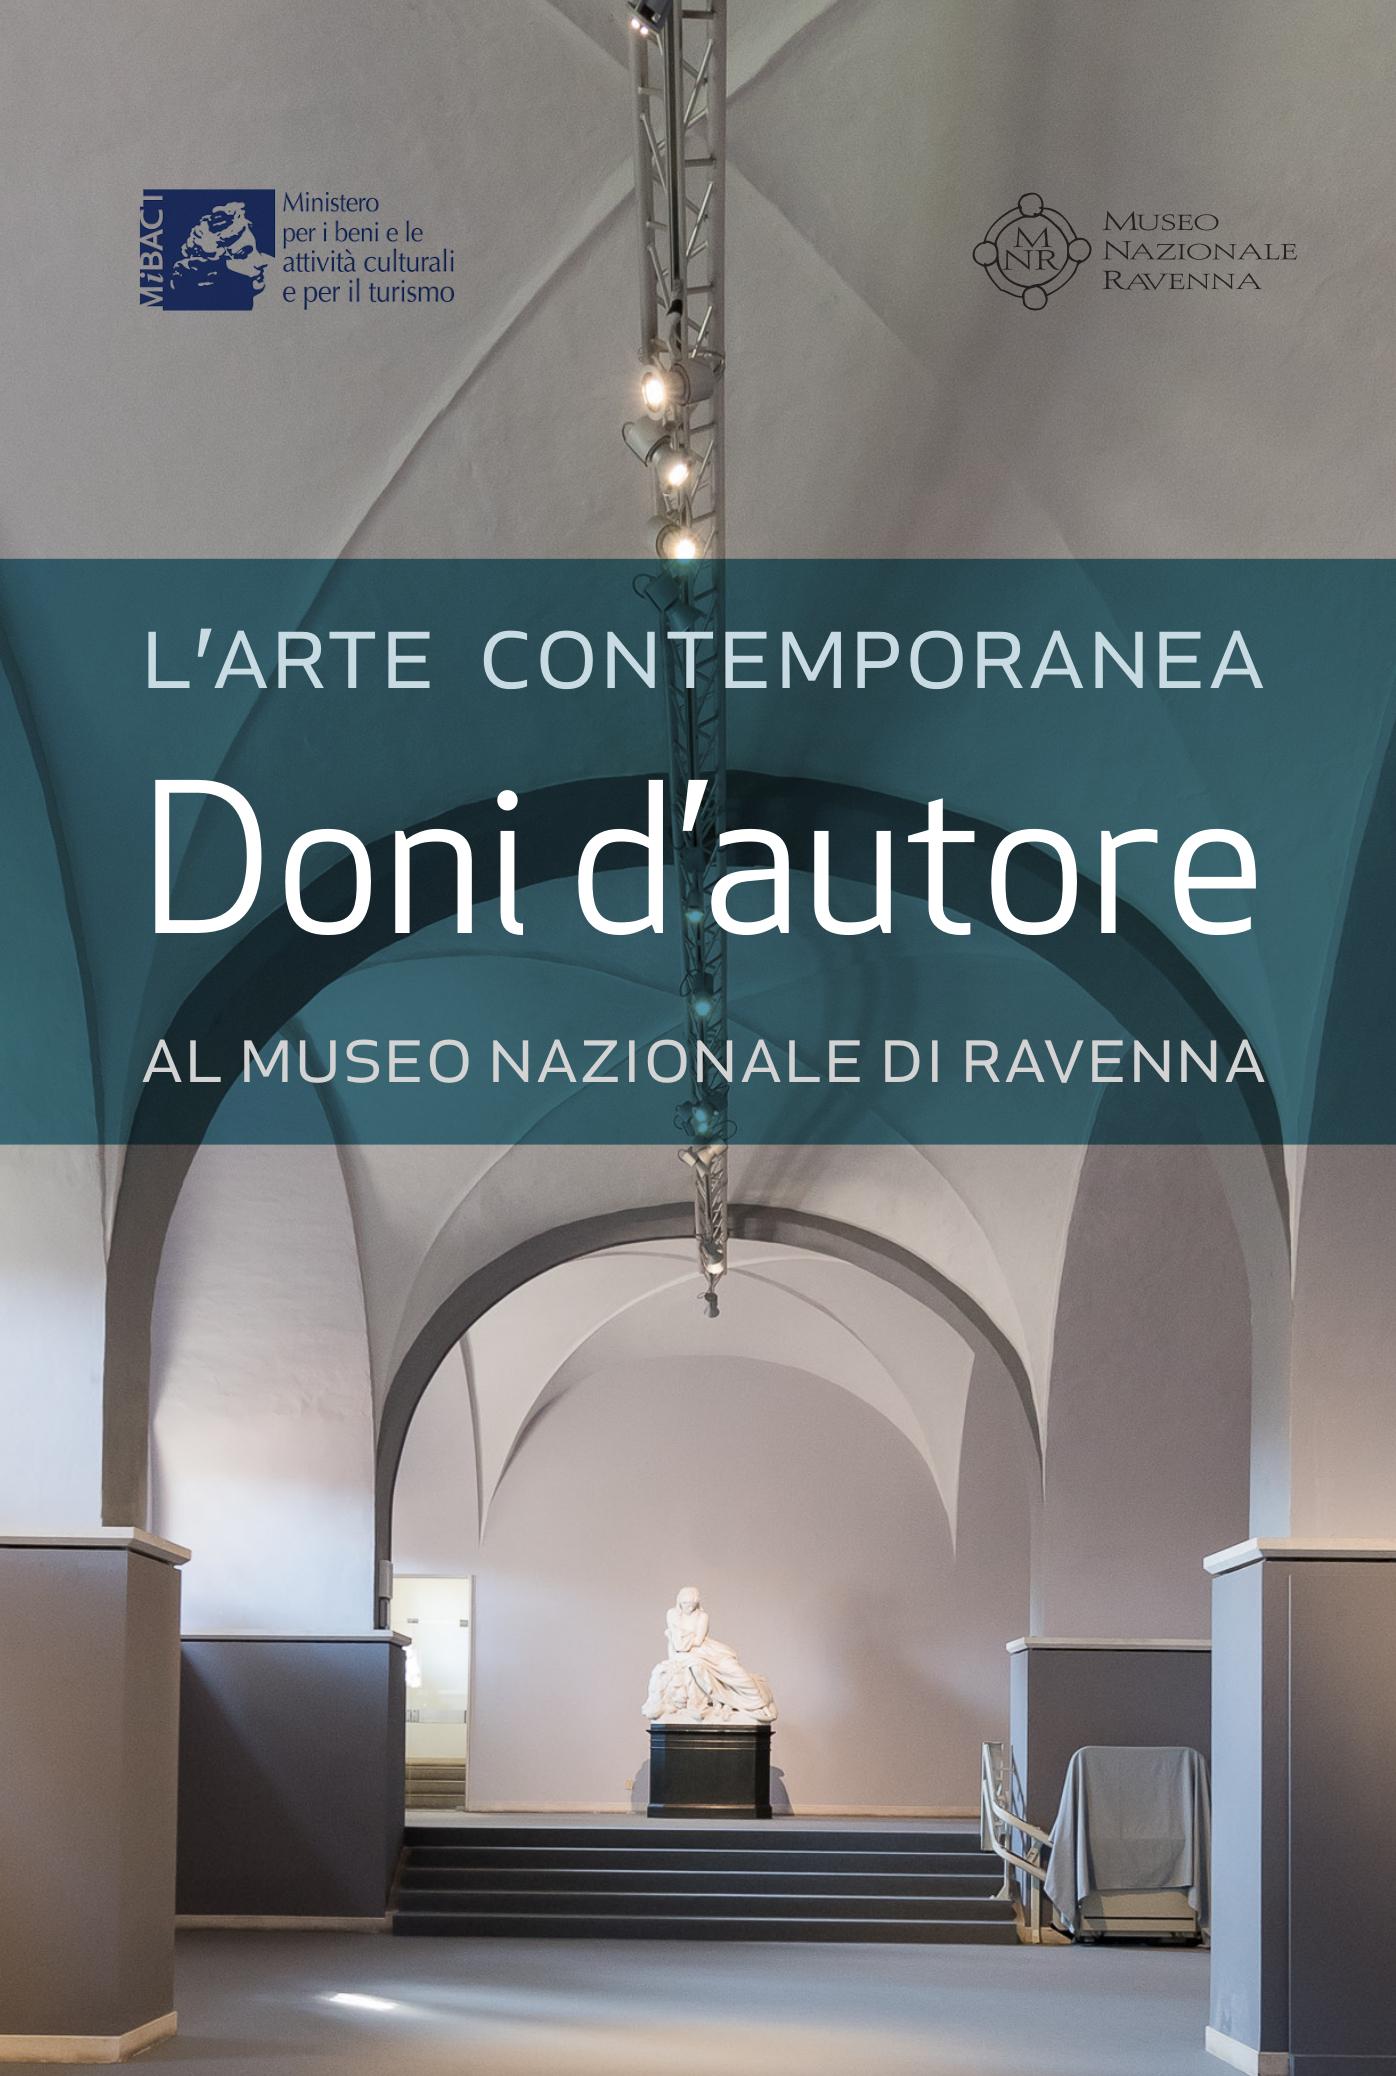 Doni d'autore | La nuova sala del contemporaneo al Museo Nazionale di Ravenna